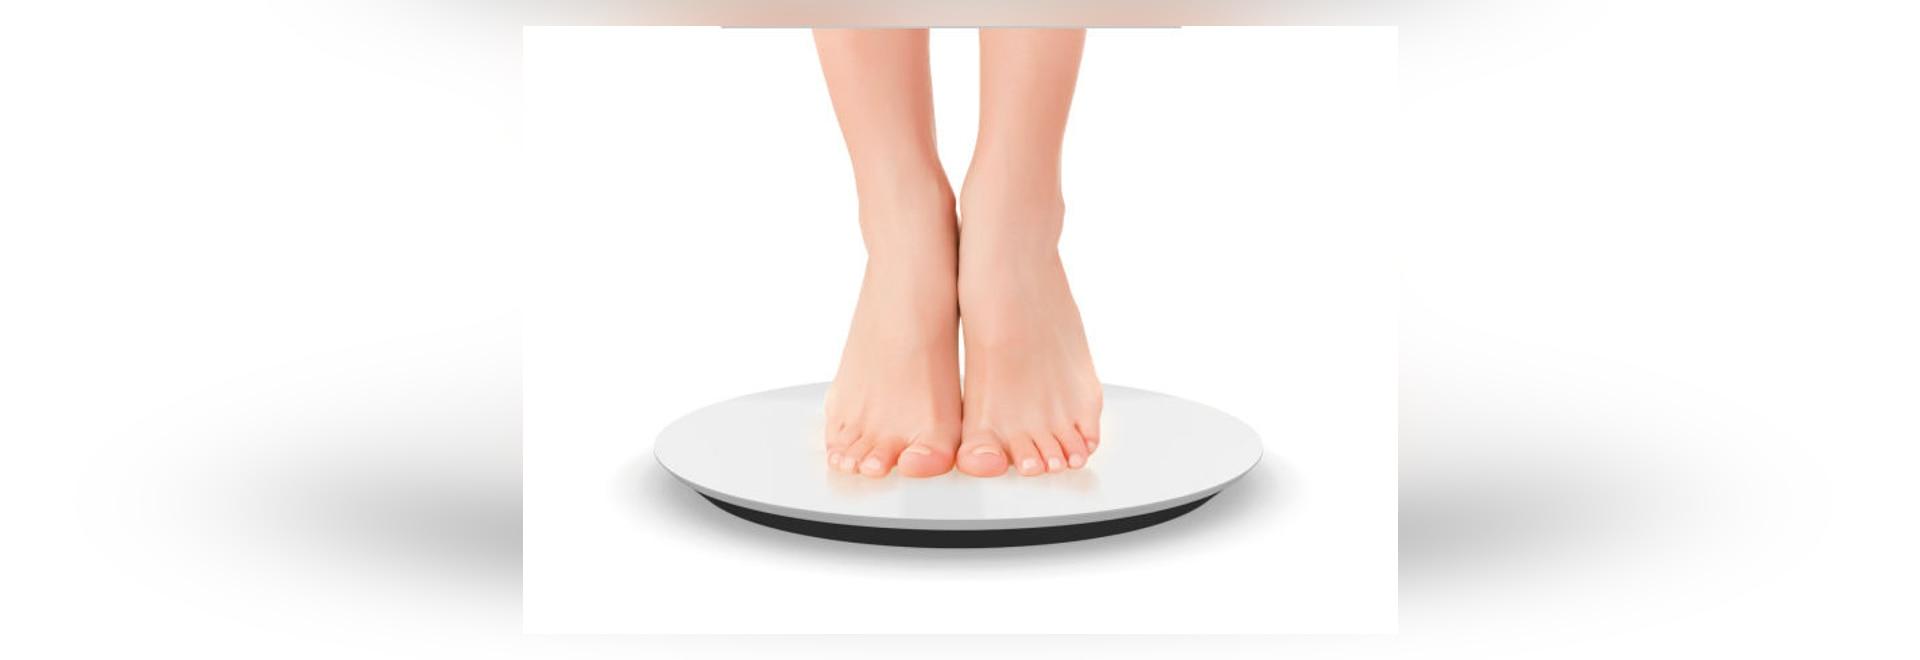 QardioBase : La gestion de poids a redéfini